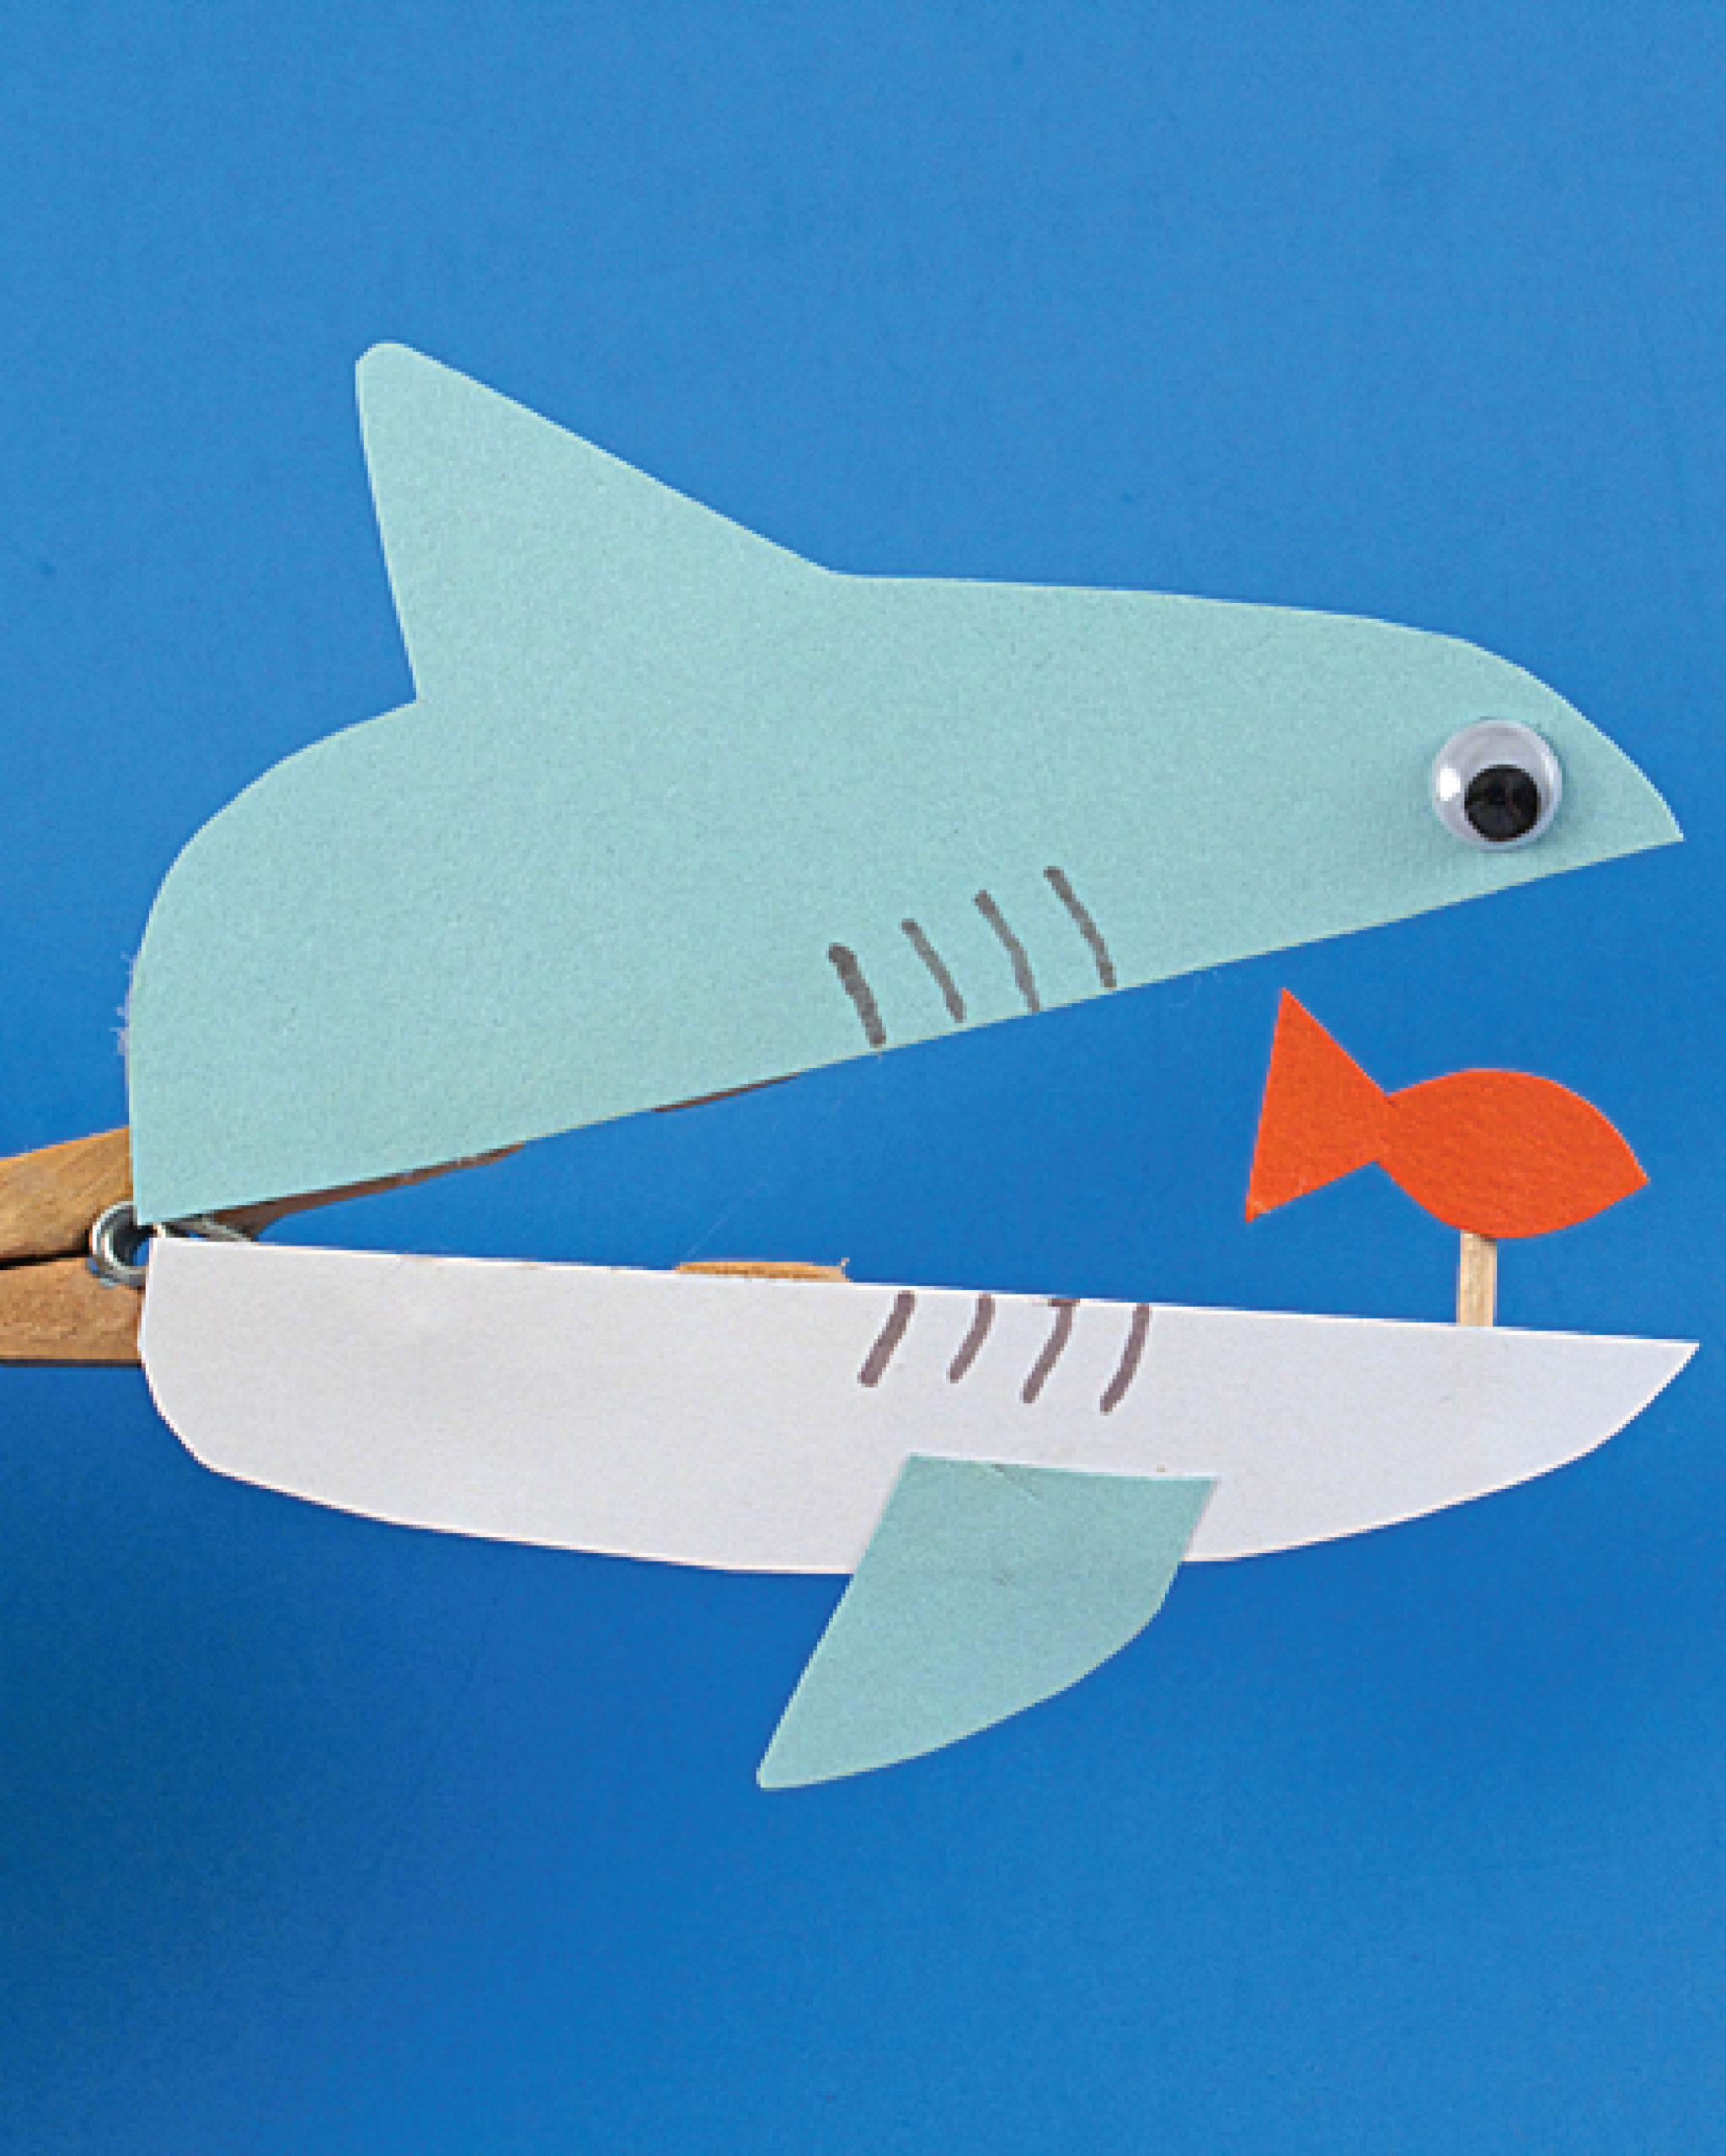 Make a Clothespin Shark at Home